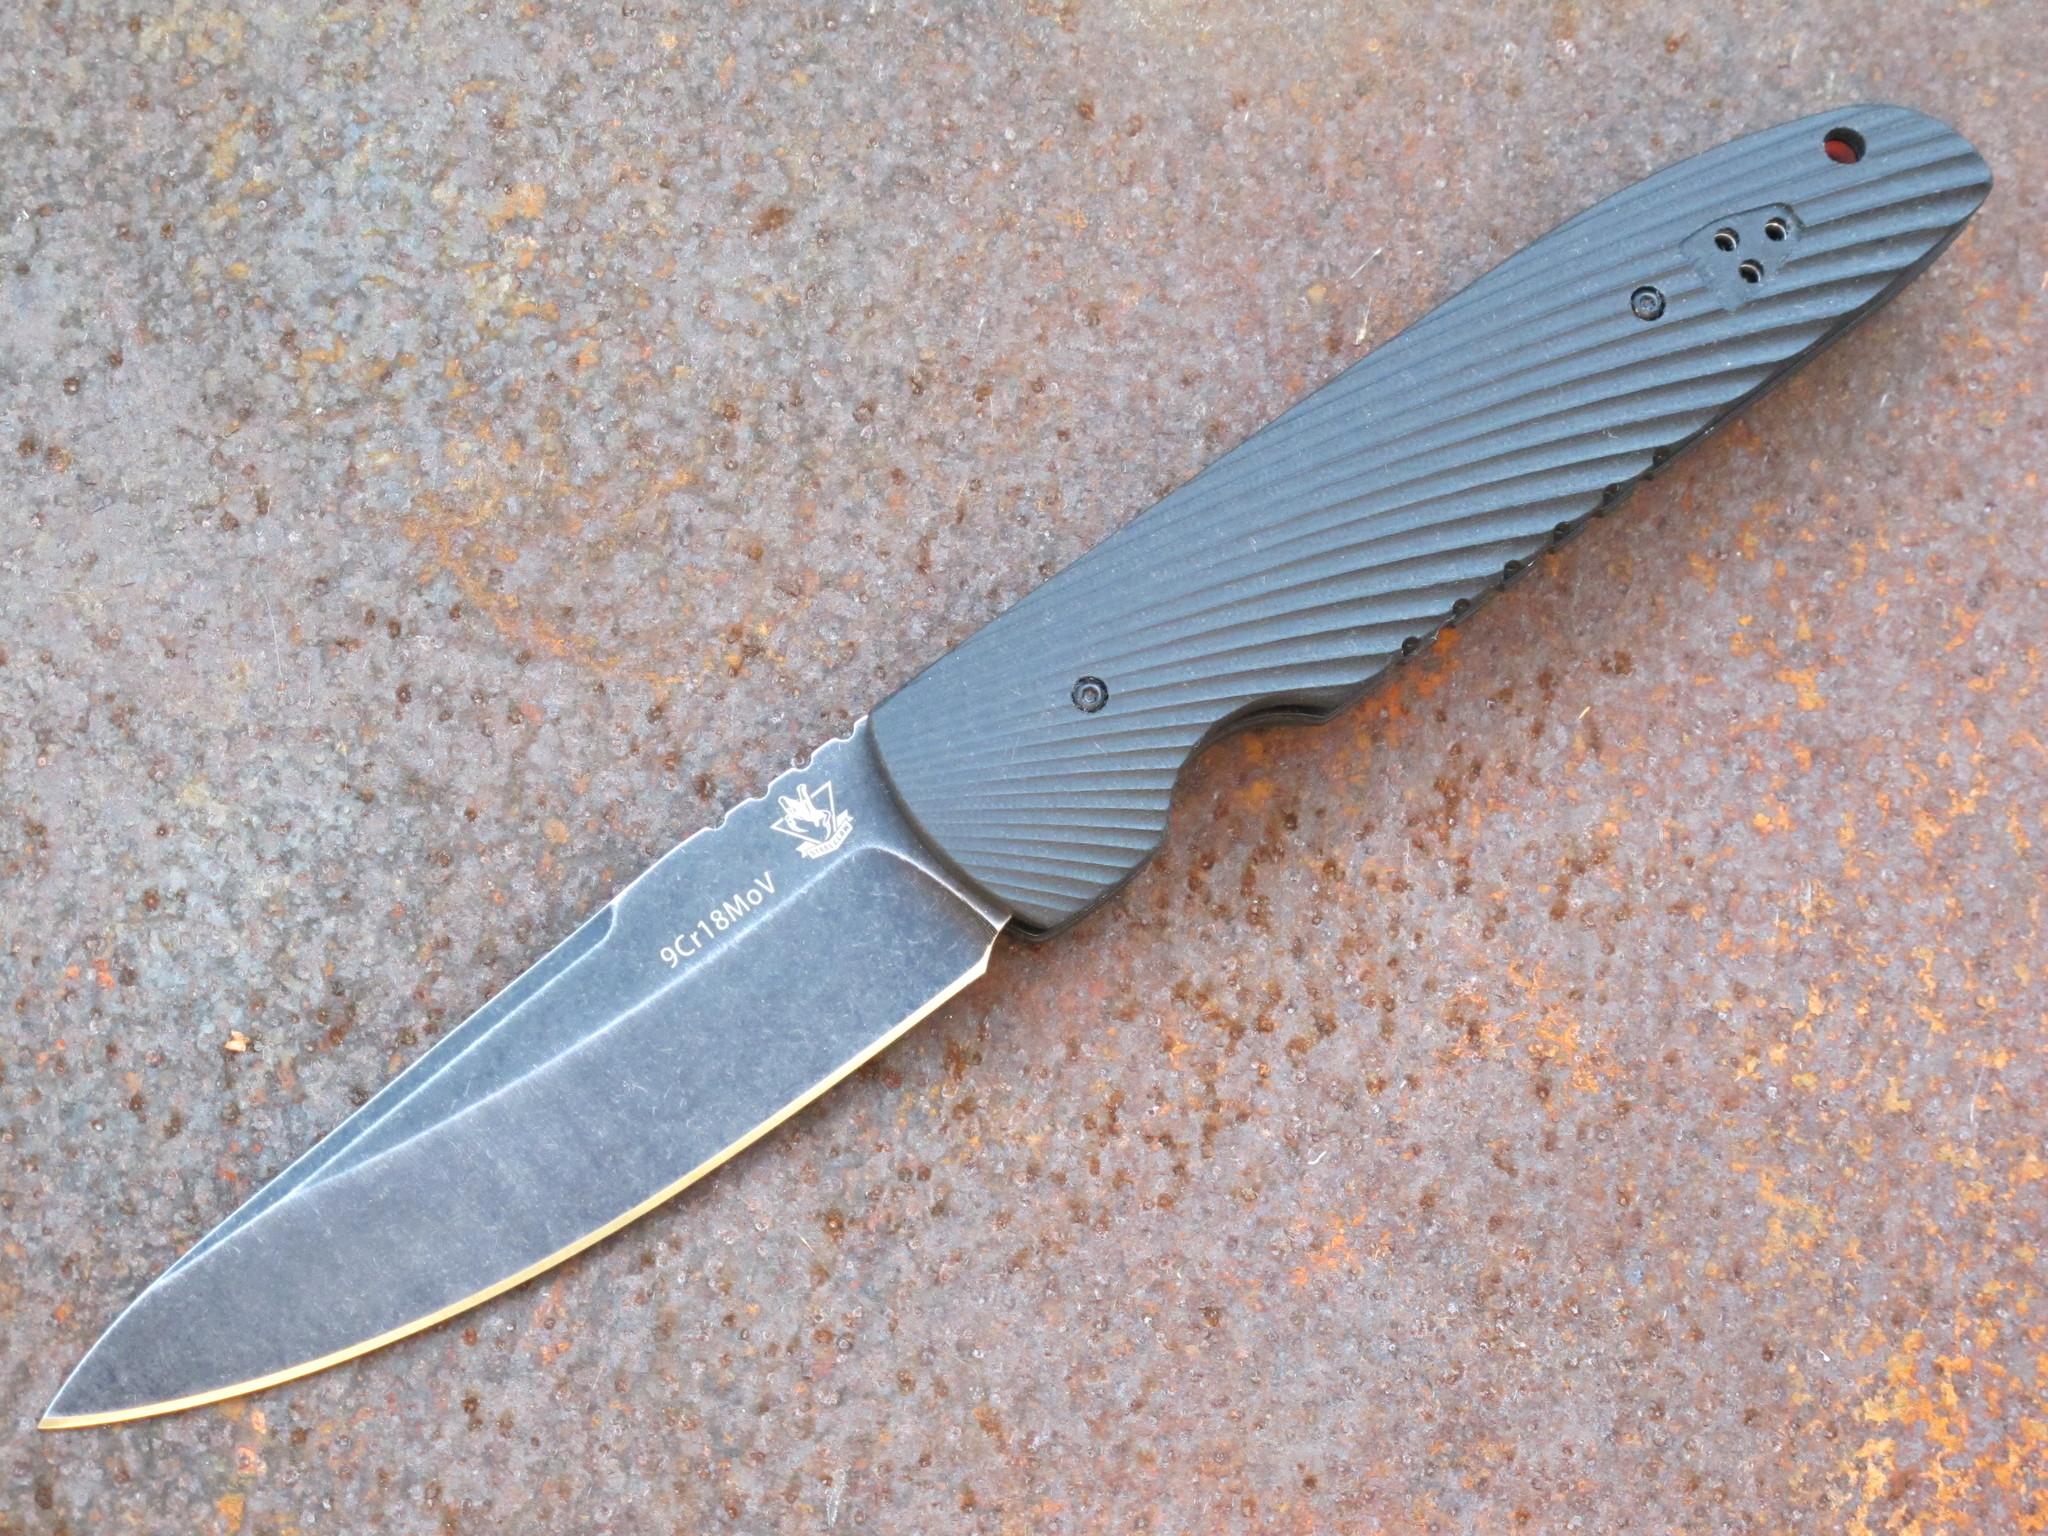 Складной нож STEELCLAW RebusРаскладные ножи<br>Эта модель несет в себе несколько интересных фишек. Складной нож REBUS типичный представитель джентльменских ножей, которые принято носить с дорогим костюмом. Нож выполнен в серой цветовой гамме городского минимализма. На клинок из нержавеющей стали нанесено покрытие «стоунвош». Ярким цветовым акцентом является ребристая оранжевая проставка между накладками рукояти. Для ношения ножа можно использовать клипсу или подвес. Ближе к тыльной части находится отверстие для подвеса или темляка. Нож оснащен замком необычного типа и вам потребуется некоторое время, что бы научиться открывать и закрывать нож.<br>марка стали:9Cr18MoVтвердость:57- 58 HRCдлина общая: 268мм,длина клинка :118мм,толщина клинка: 4 ммматериал рукояти:G10тип замка: скрытыйвес:240гр<br>